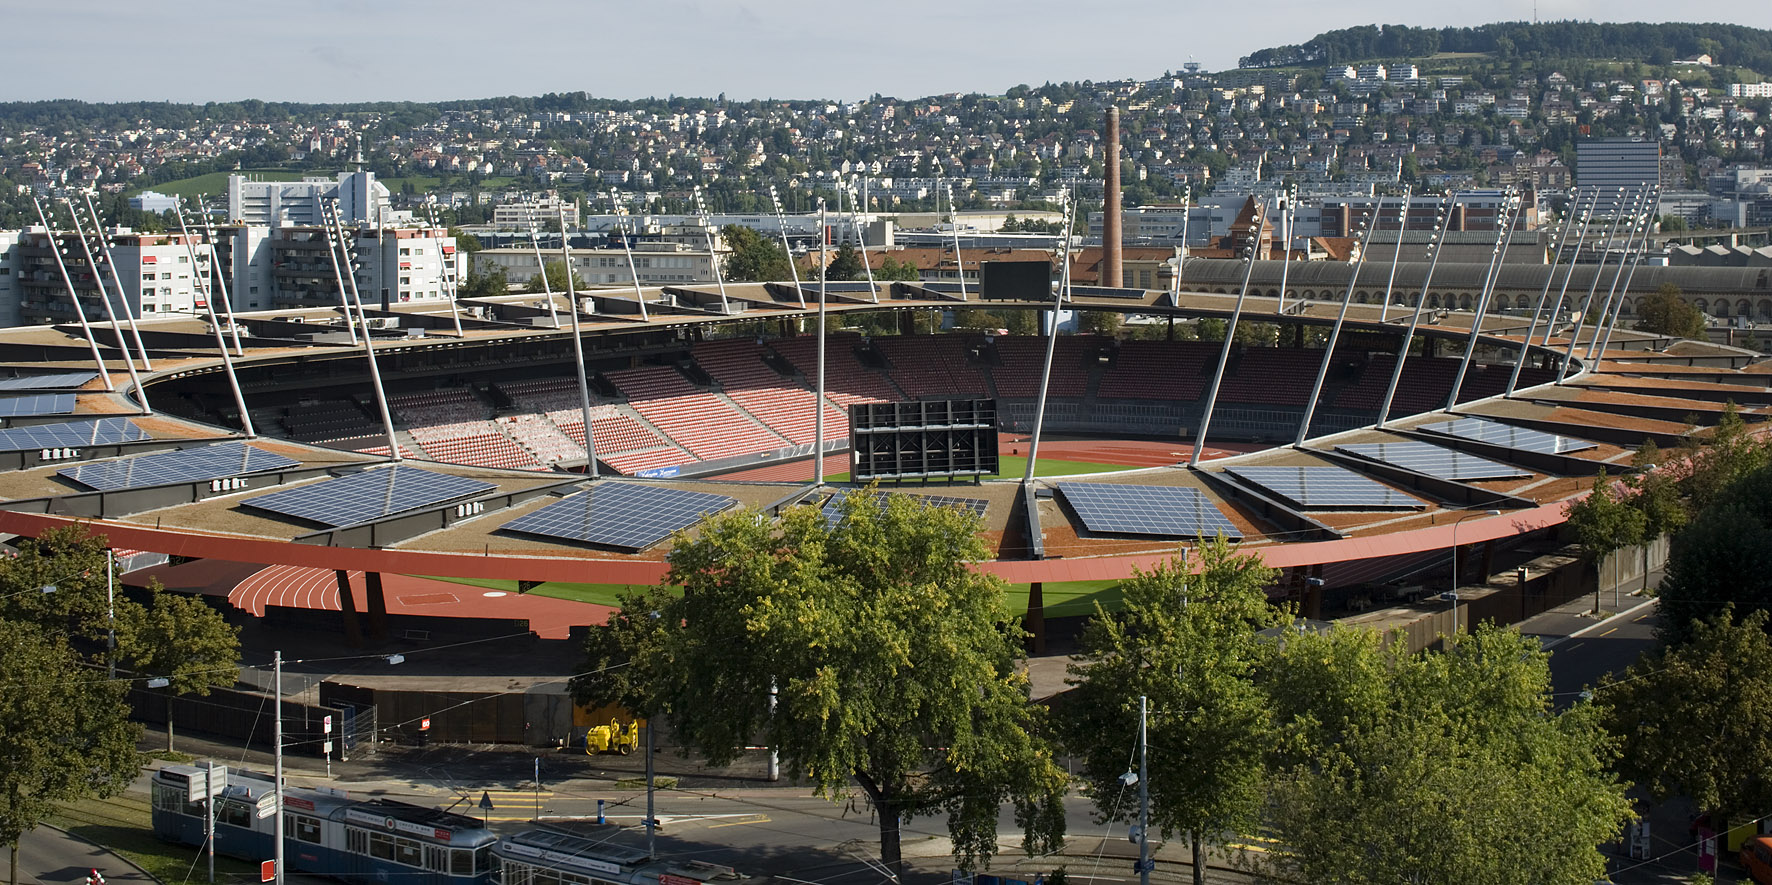 Stadion Letzigrund in Zürich